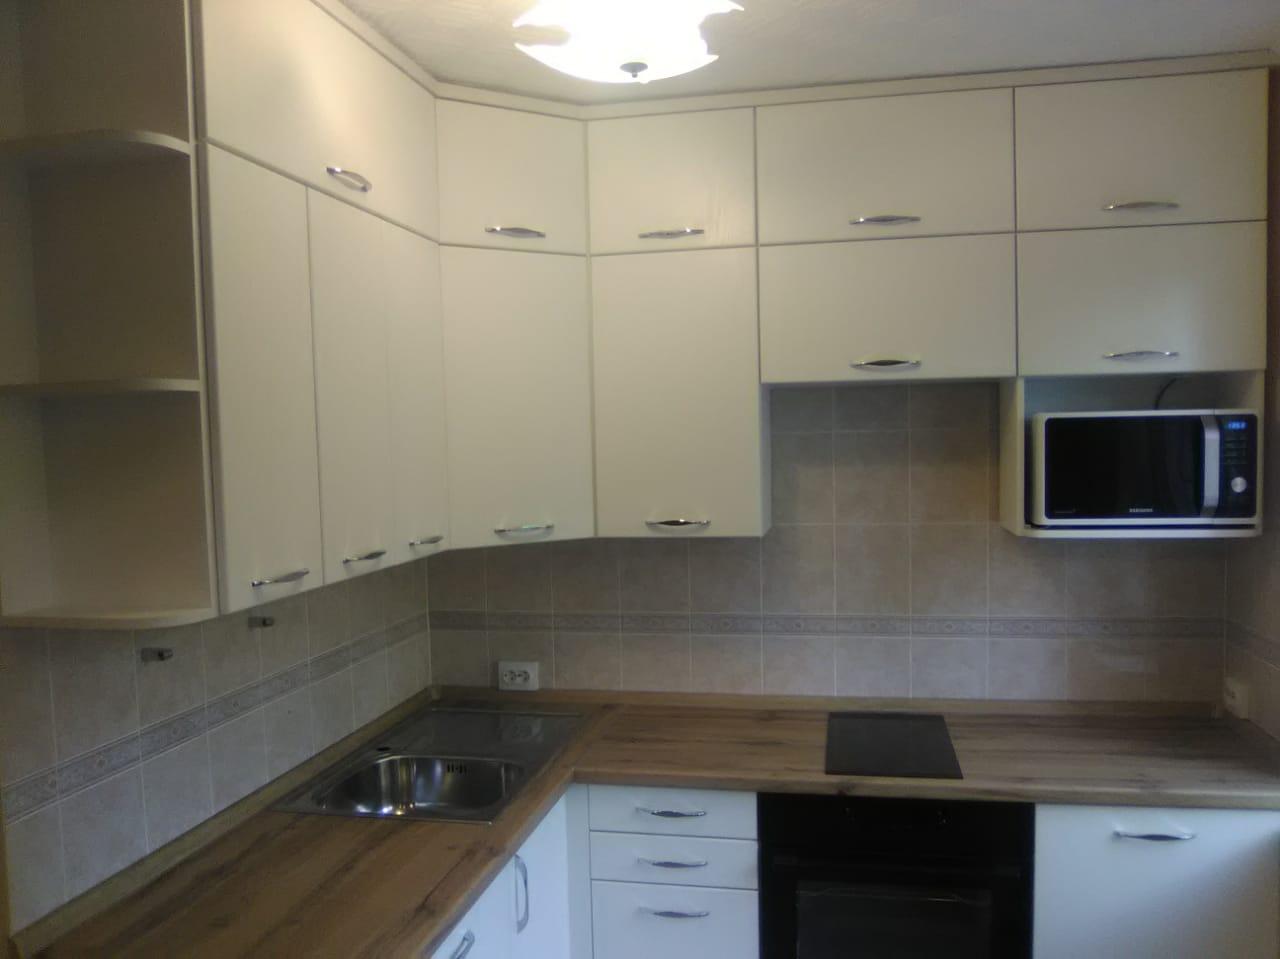 Уютная кухня со встроенной техникой на заказ в Новосибирске7